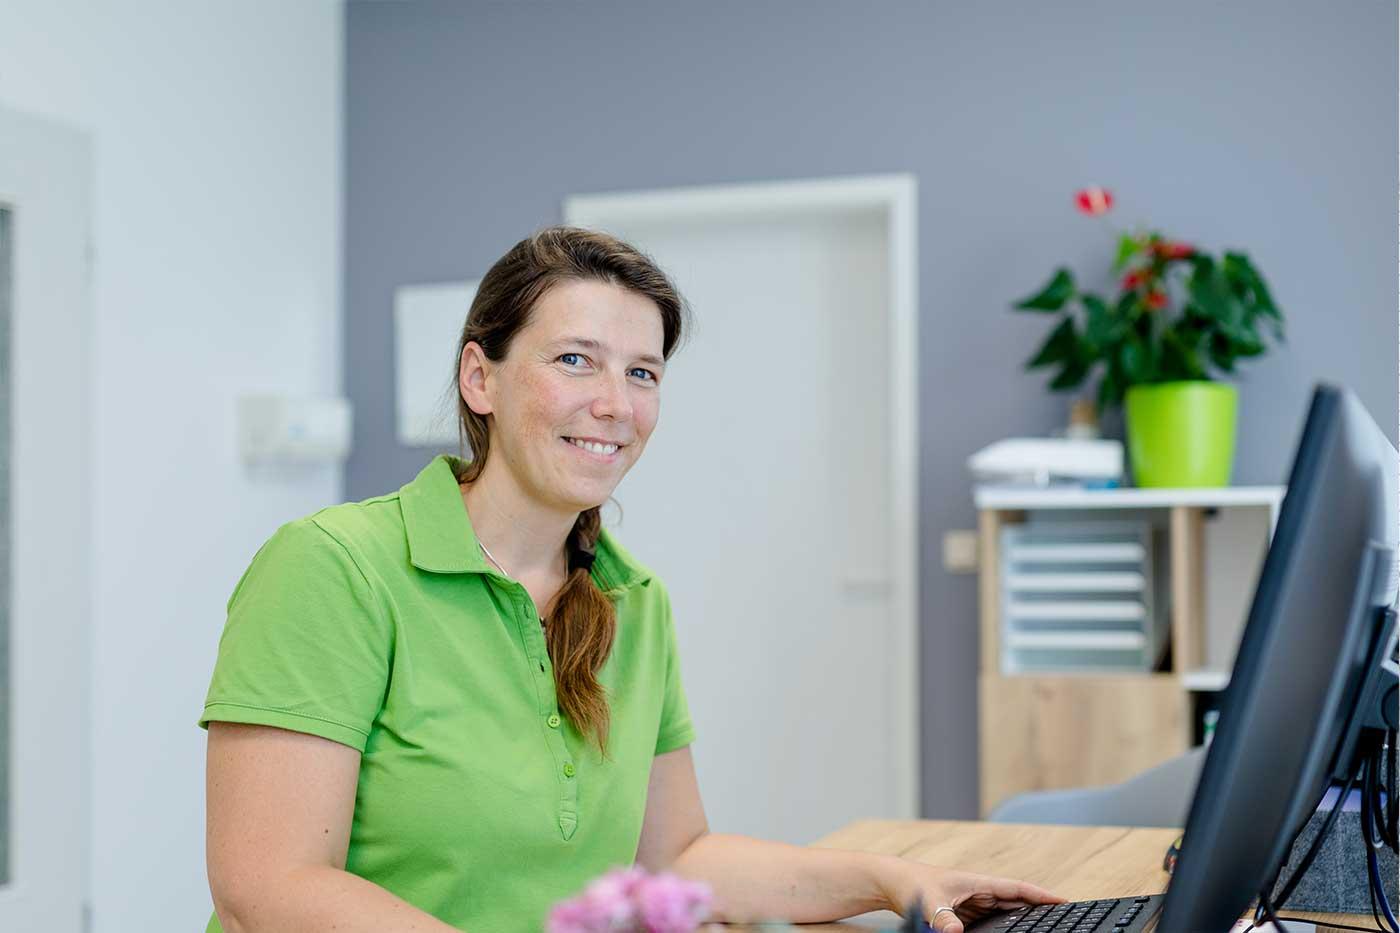 Heike Terasa - Praxis für Gynäkologie und Geburtshilfe in Freiberg